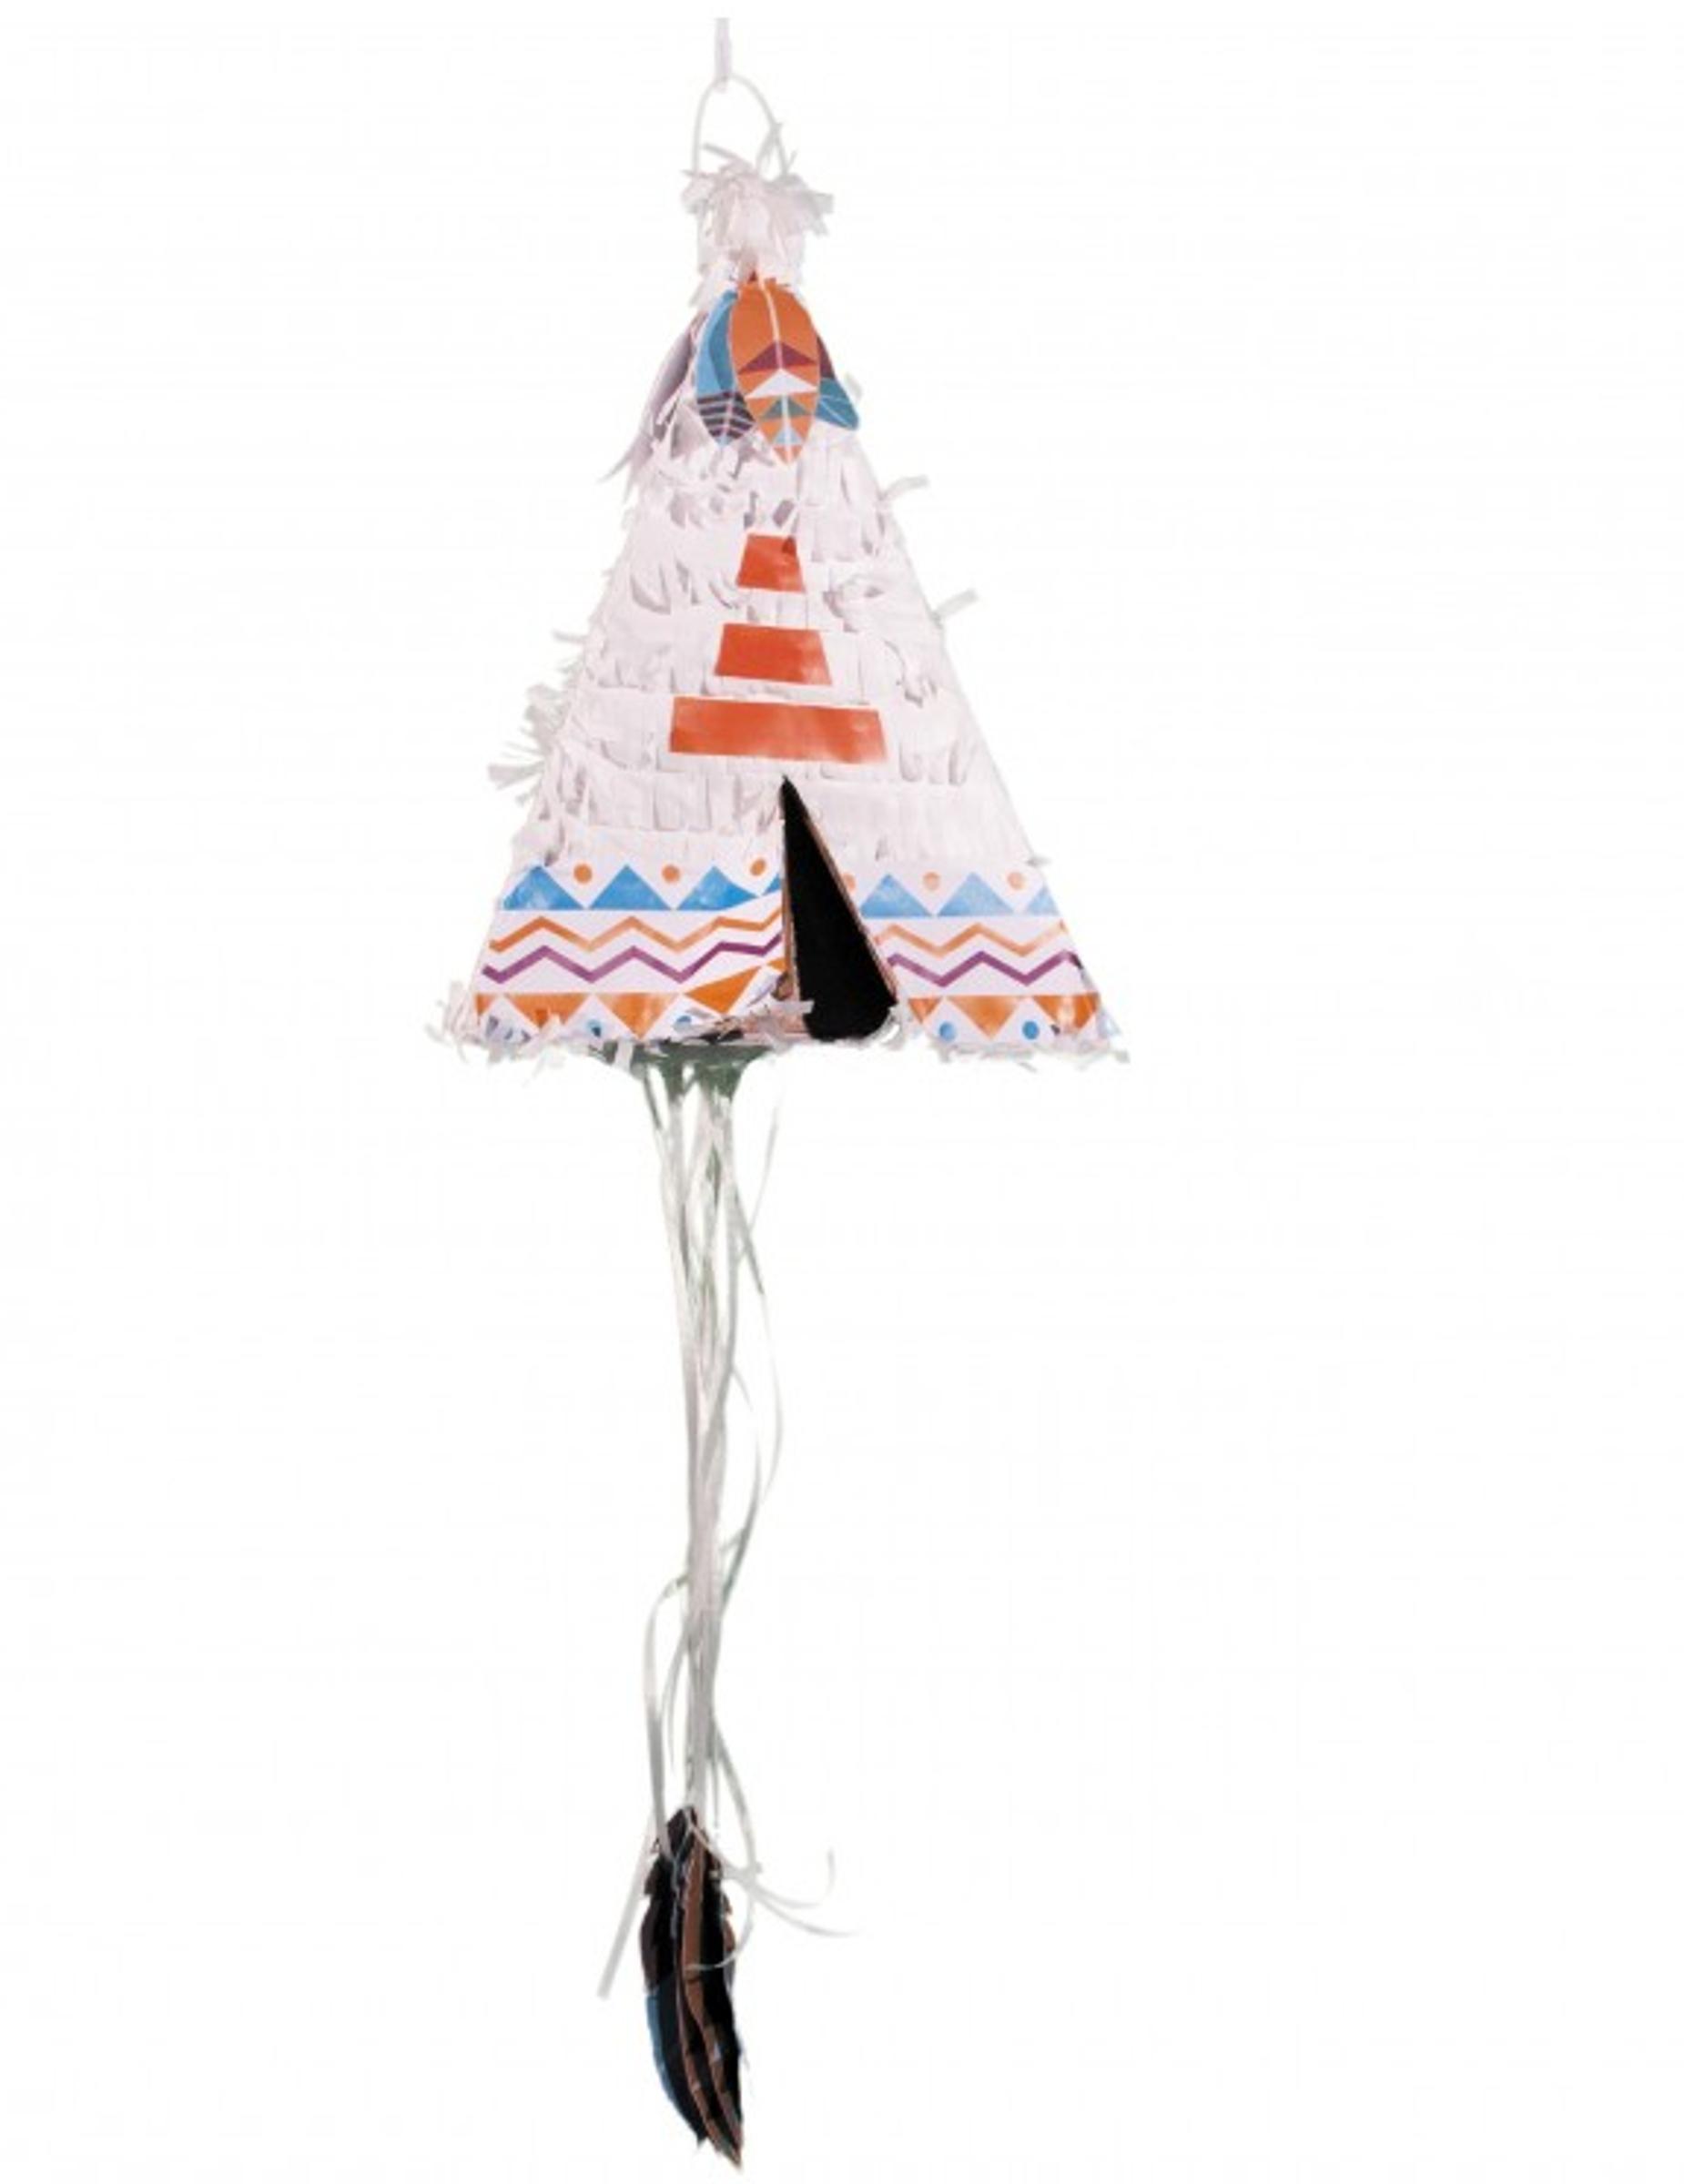 Tenda Indiani Fai Da Te pignatta tenda indiana su vegaooparty, negozio di articoli per feste